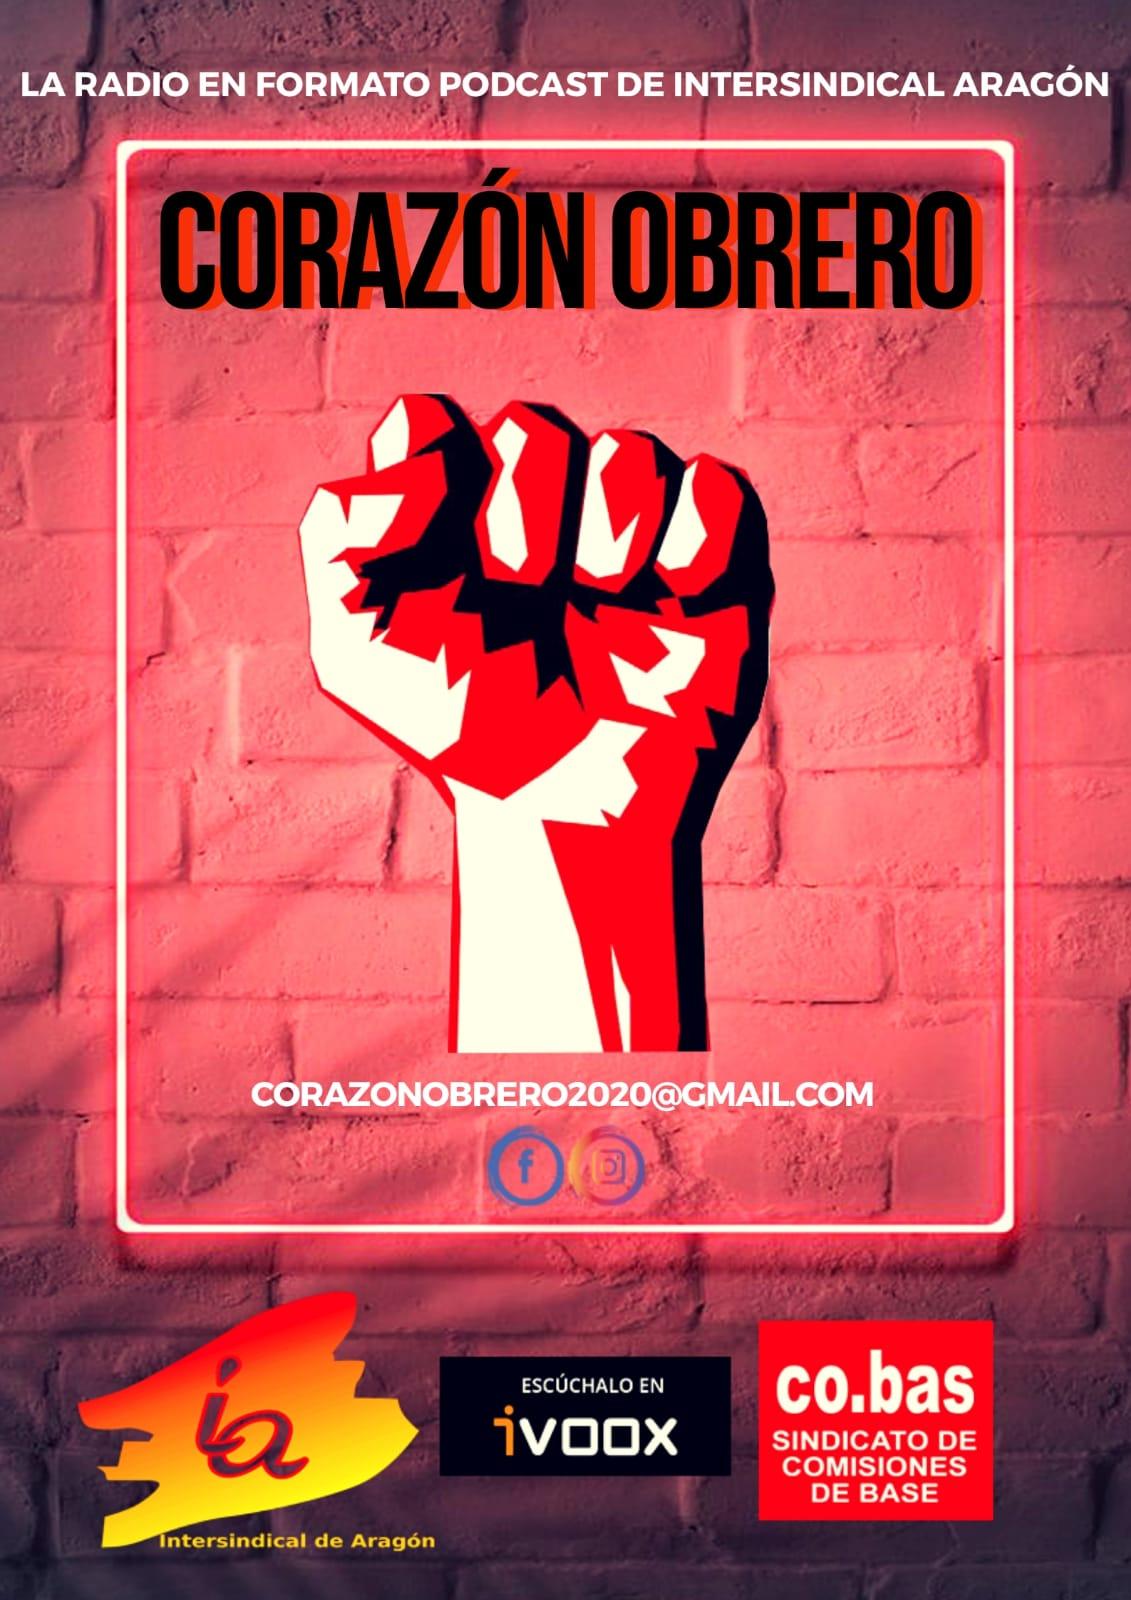 Comienza la andadura de la radio de Intersindical de Aragón-Cobas. «CORAZON OBRERO, EL CORAZON DE TOD@S»